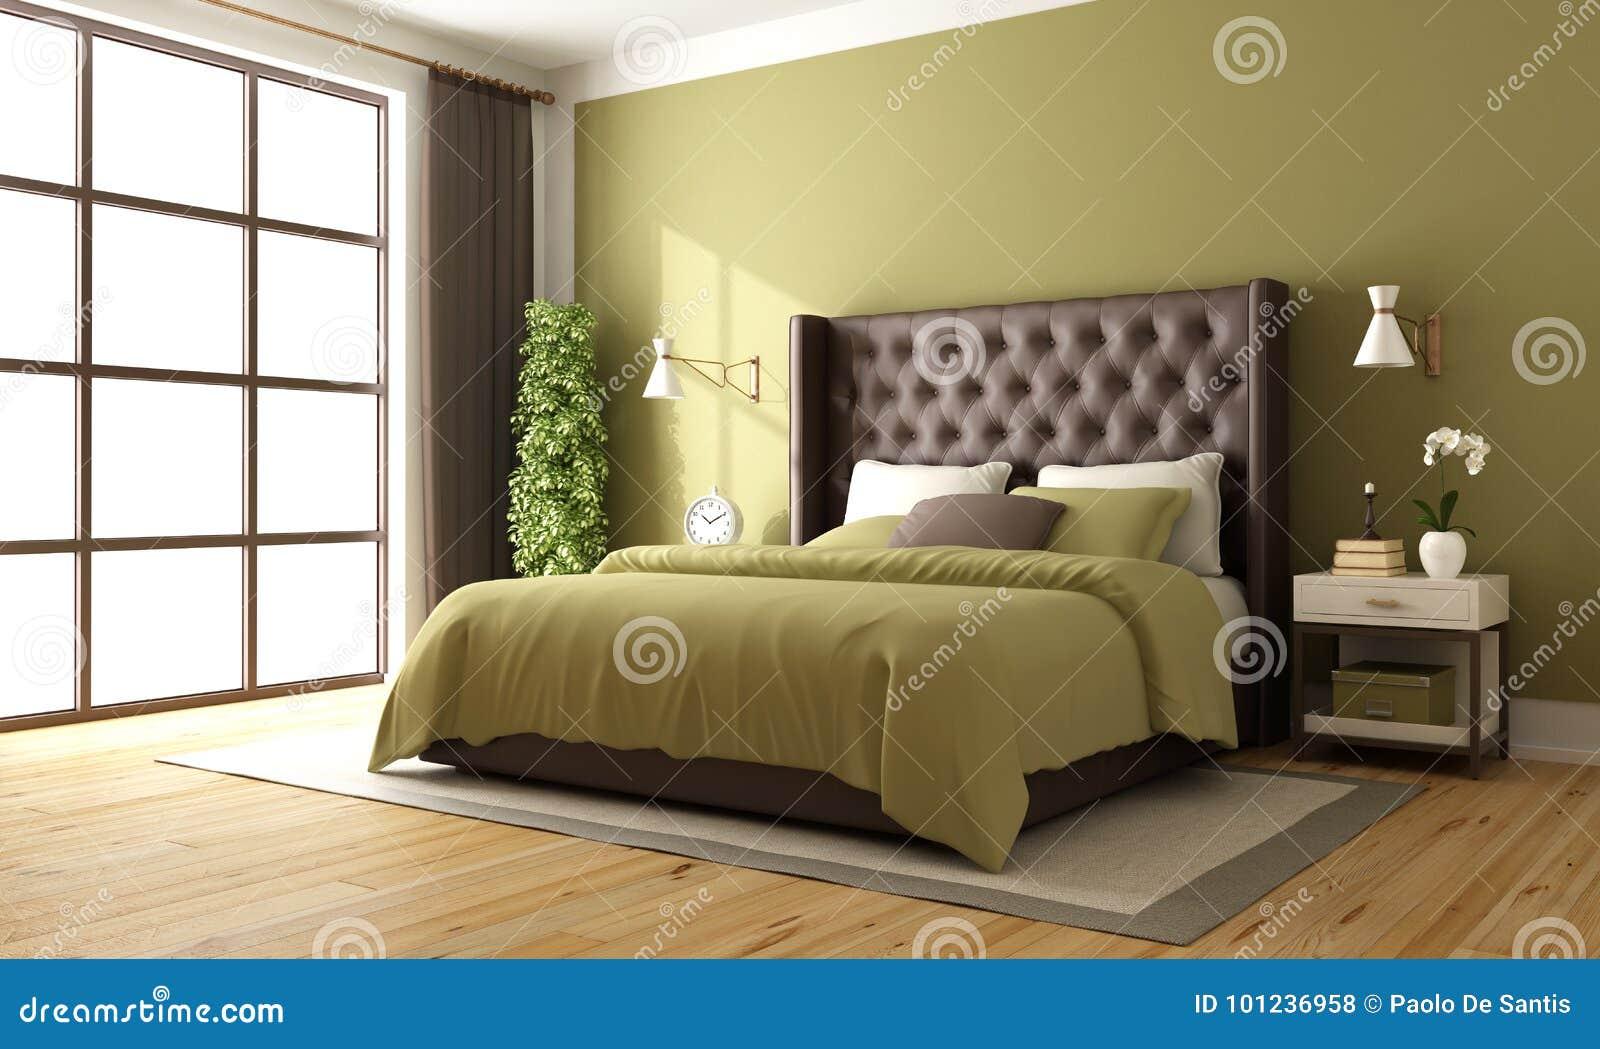 Camera Da Letto Marrone E Verde Classica Illustrazione Di Stock Illustrazione Di Verde Mobilia 101236958